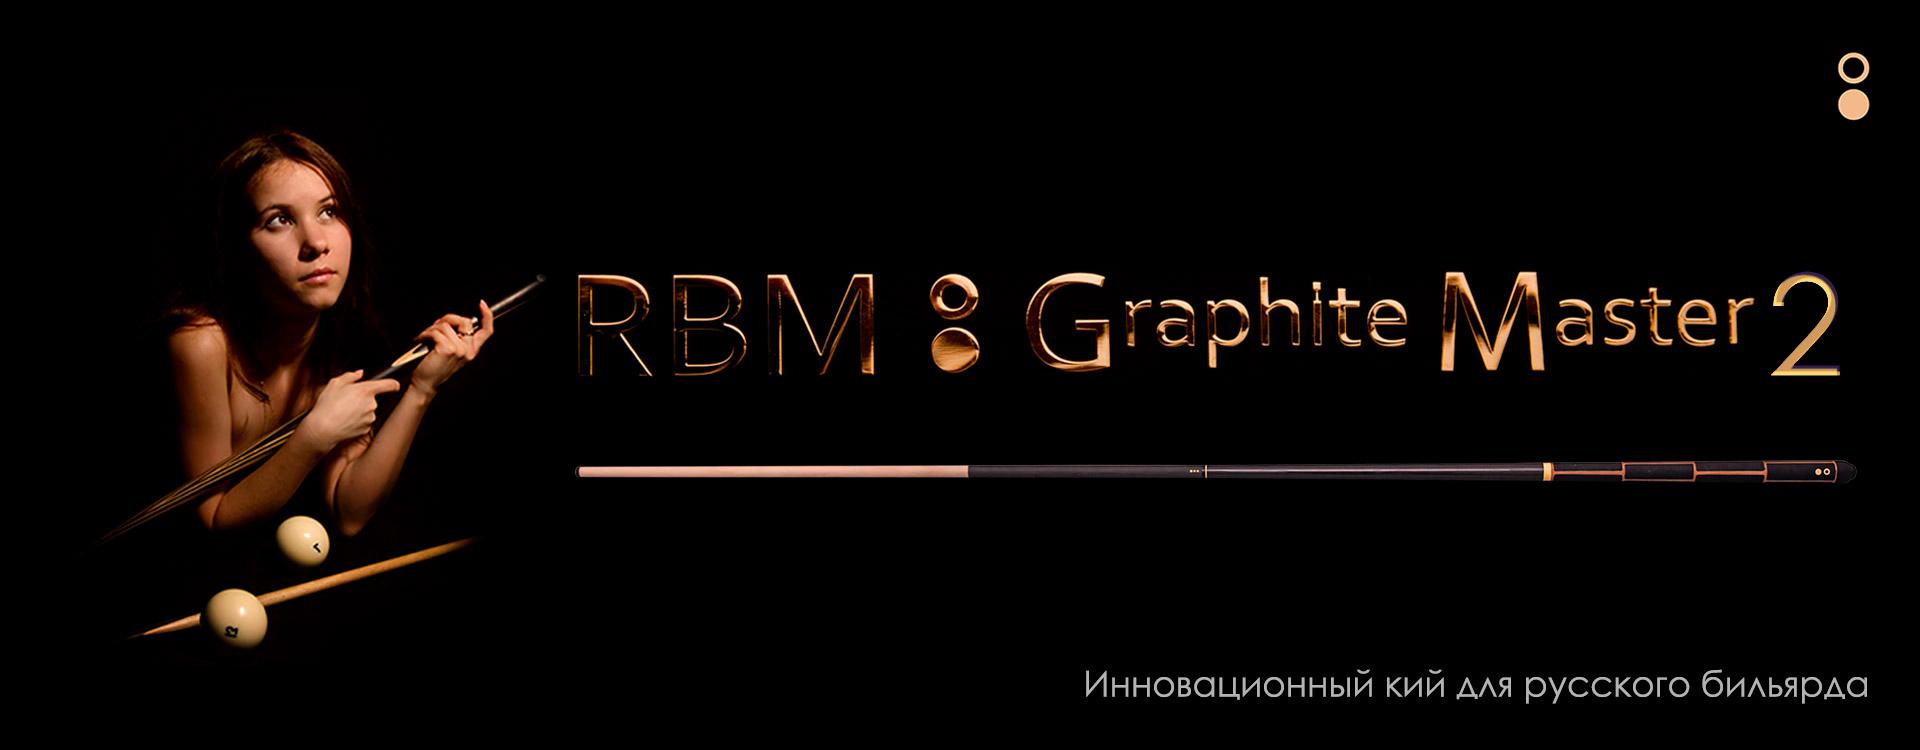 Инновационный кий для русского бильярда - Graphite Master 2